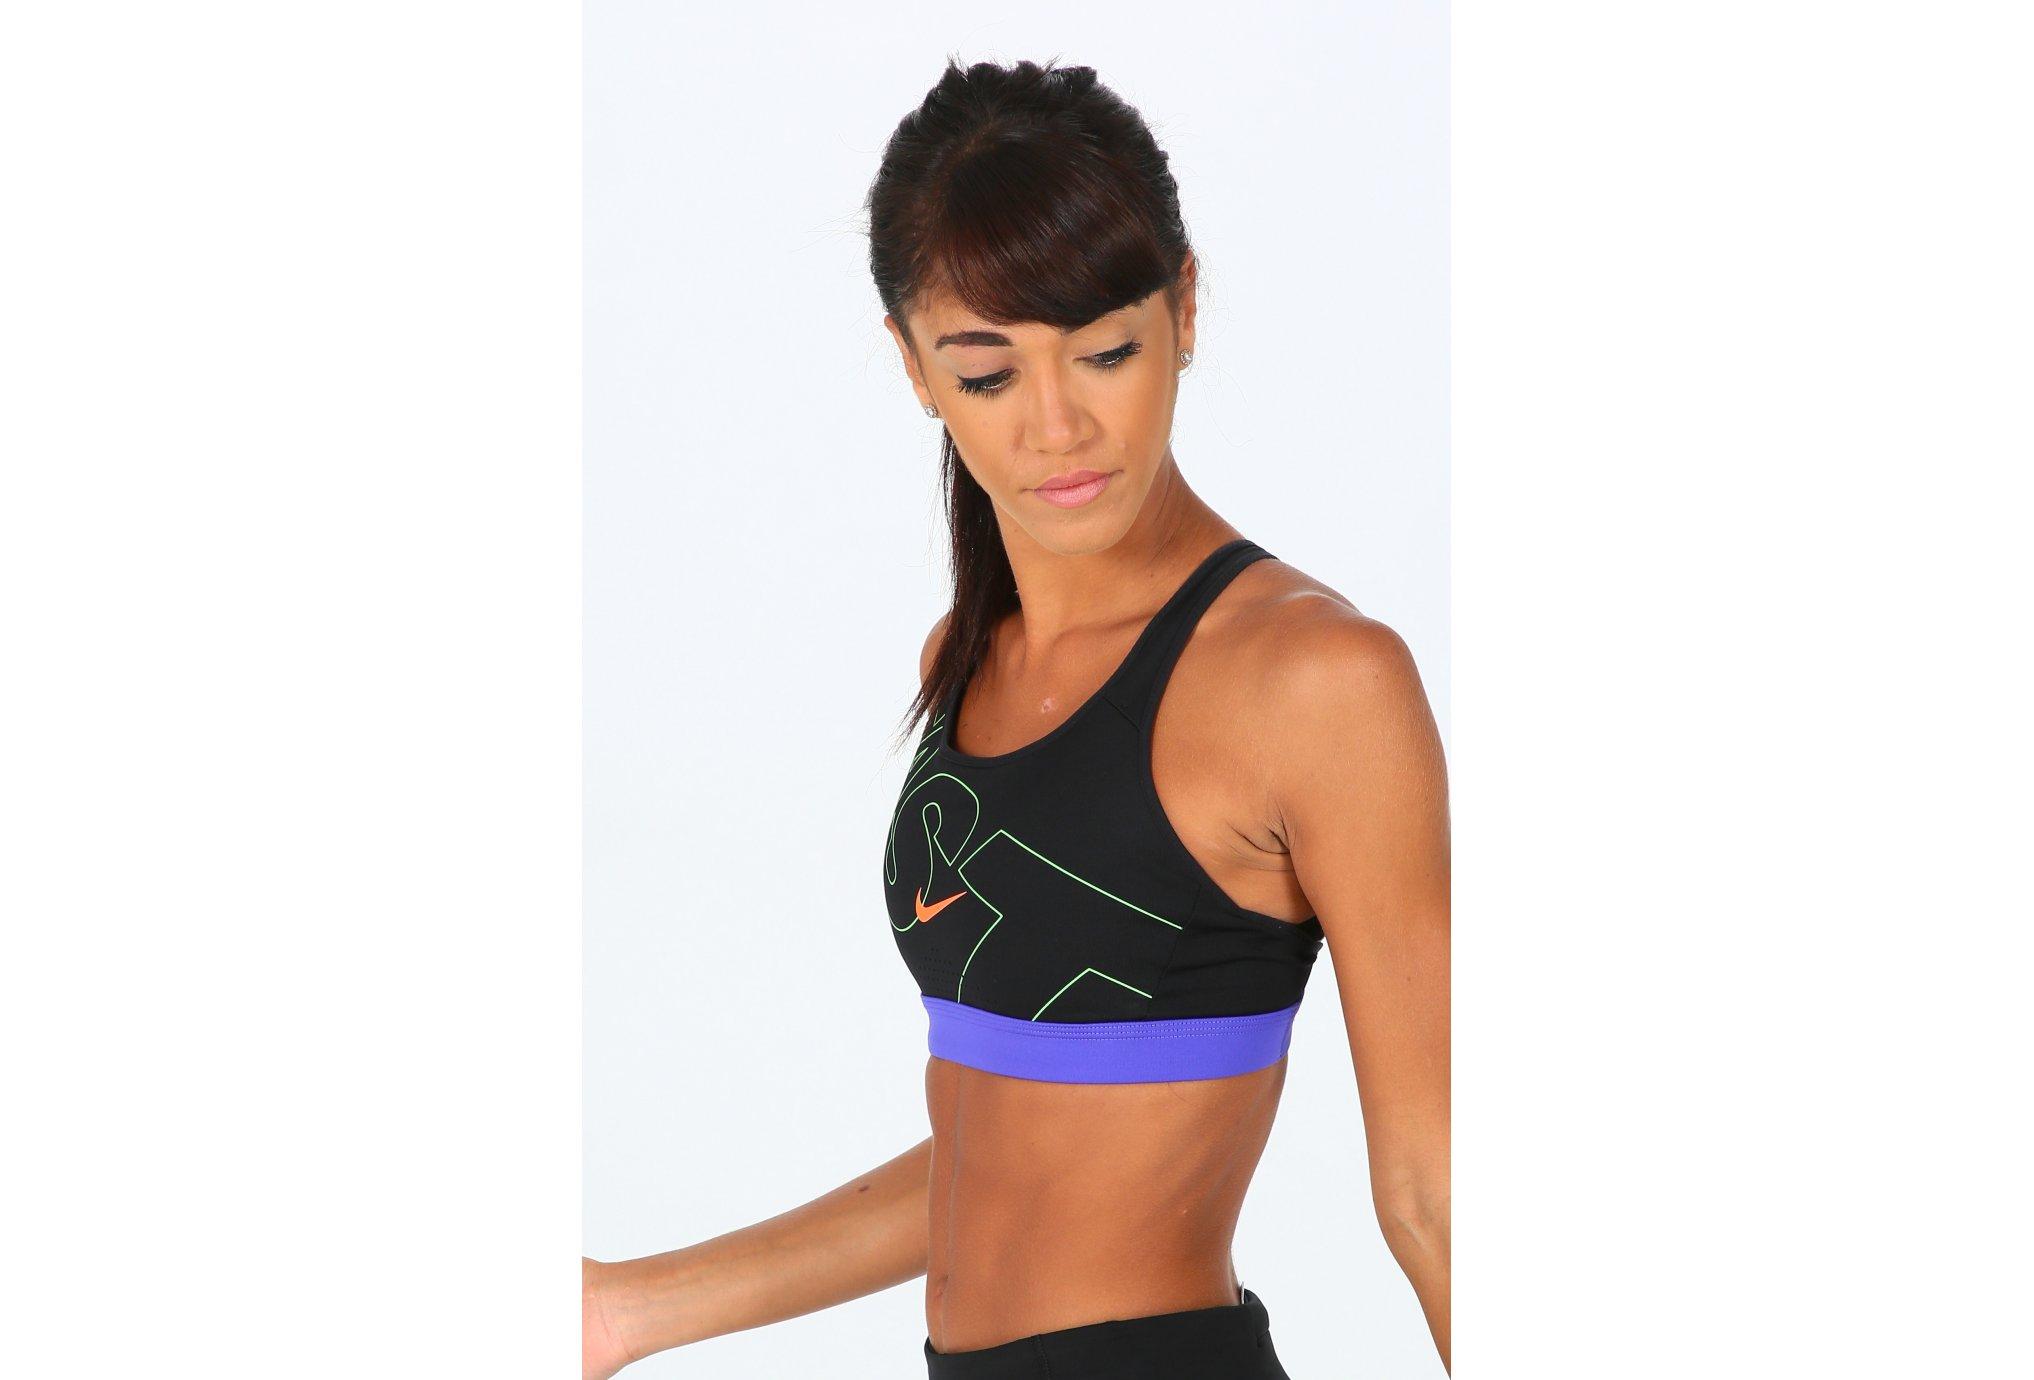 Nike Impact Berlin vêtement running femme